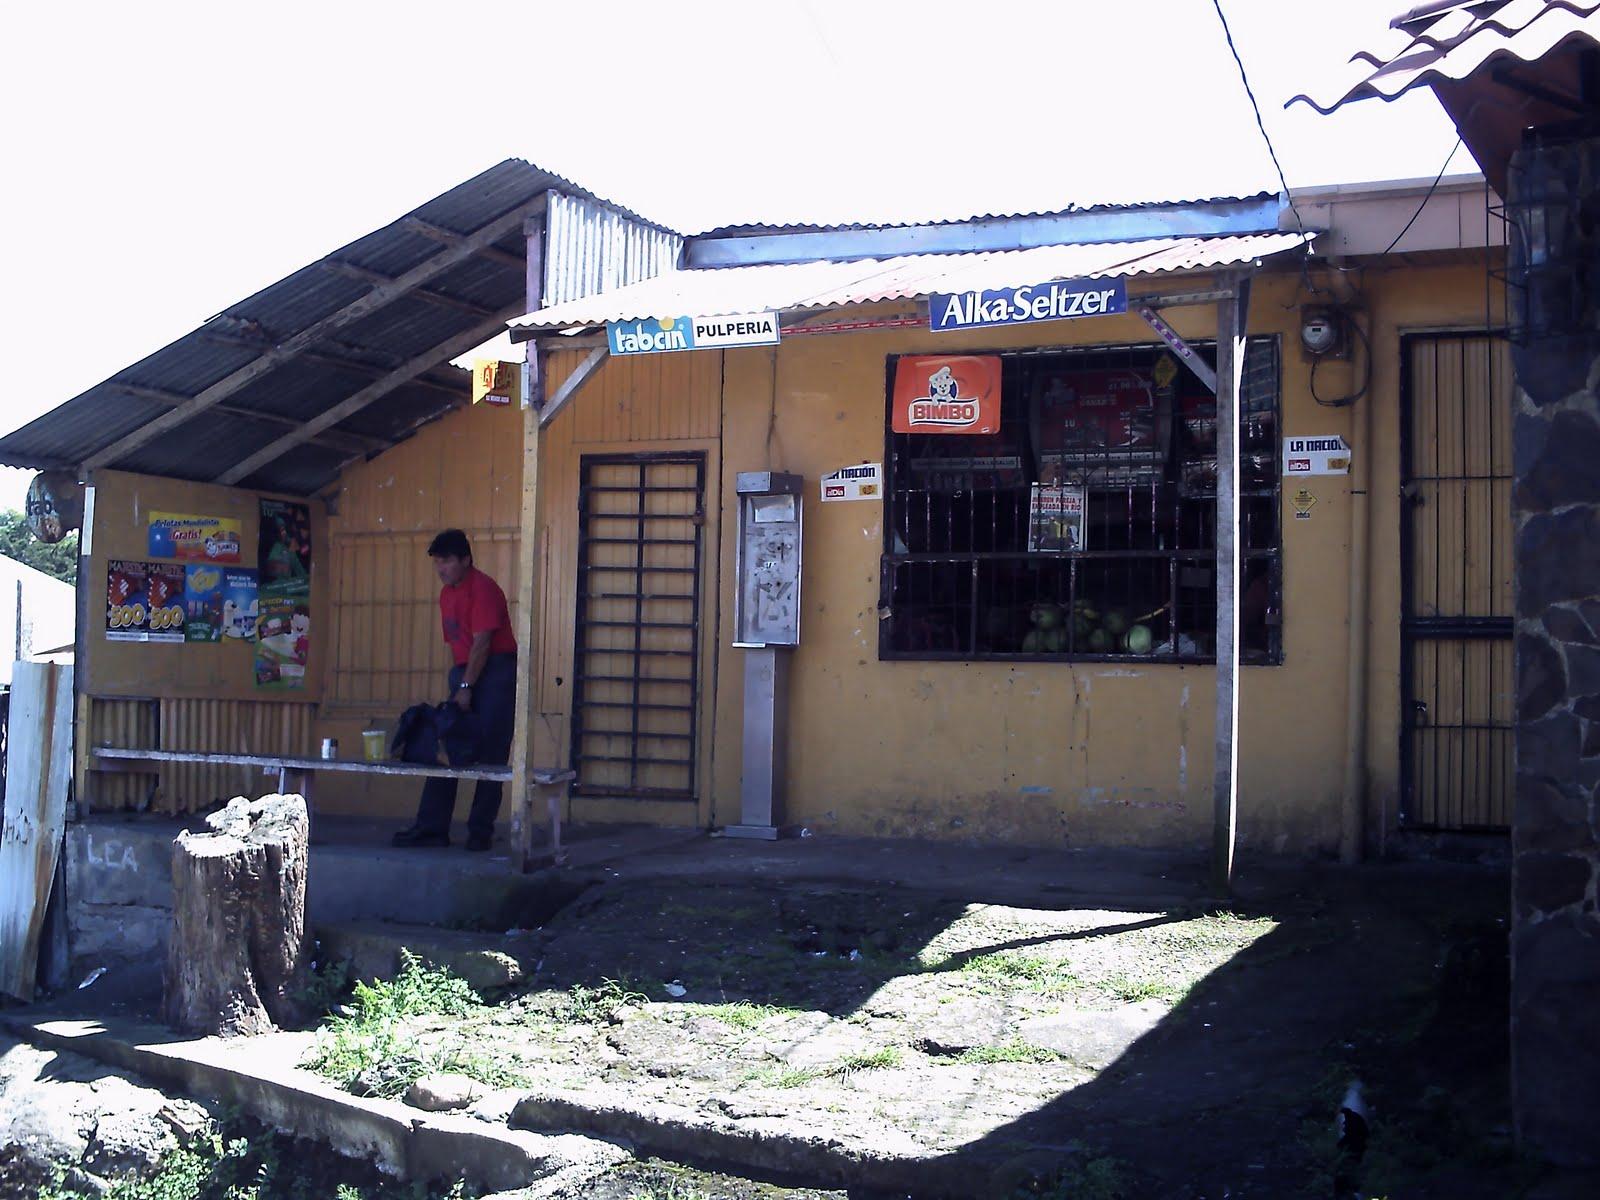 Biking Step by Step Costa Rica: Costa Rica Culture